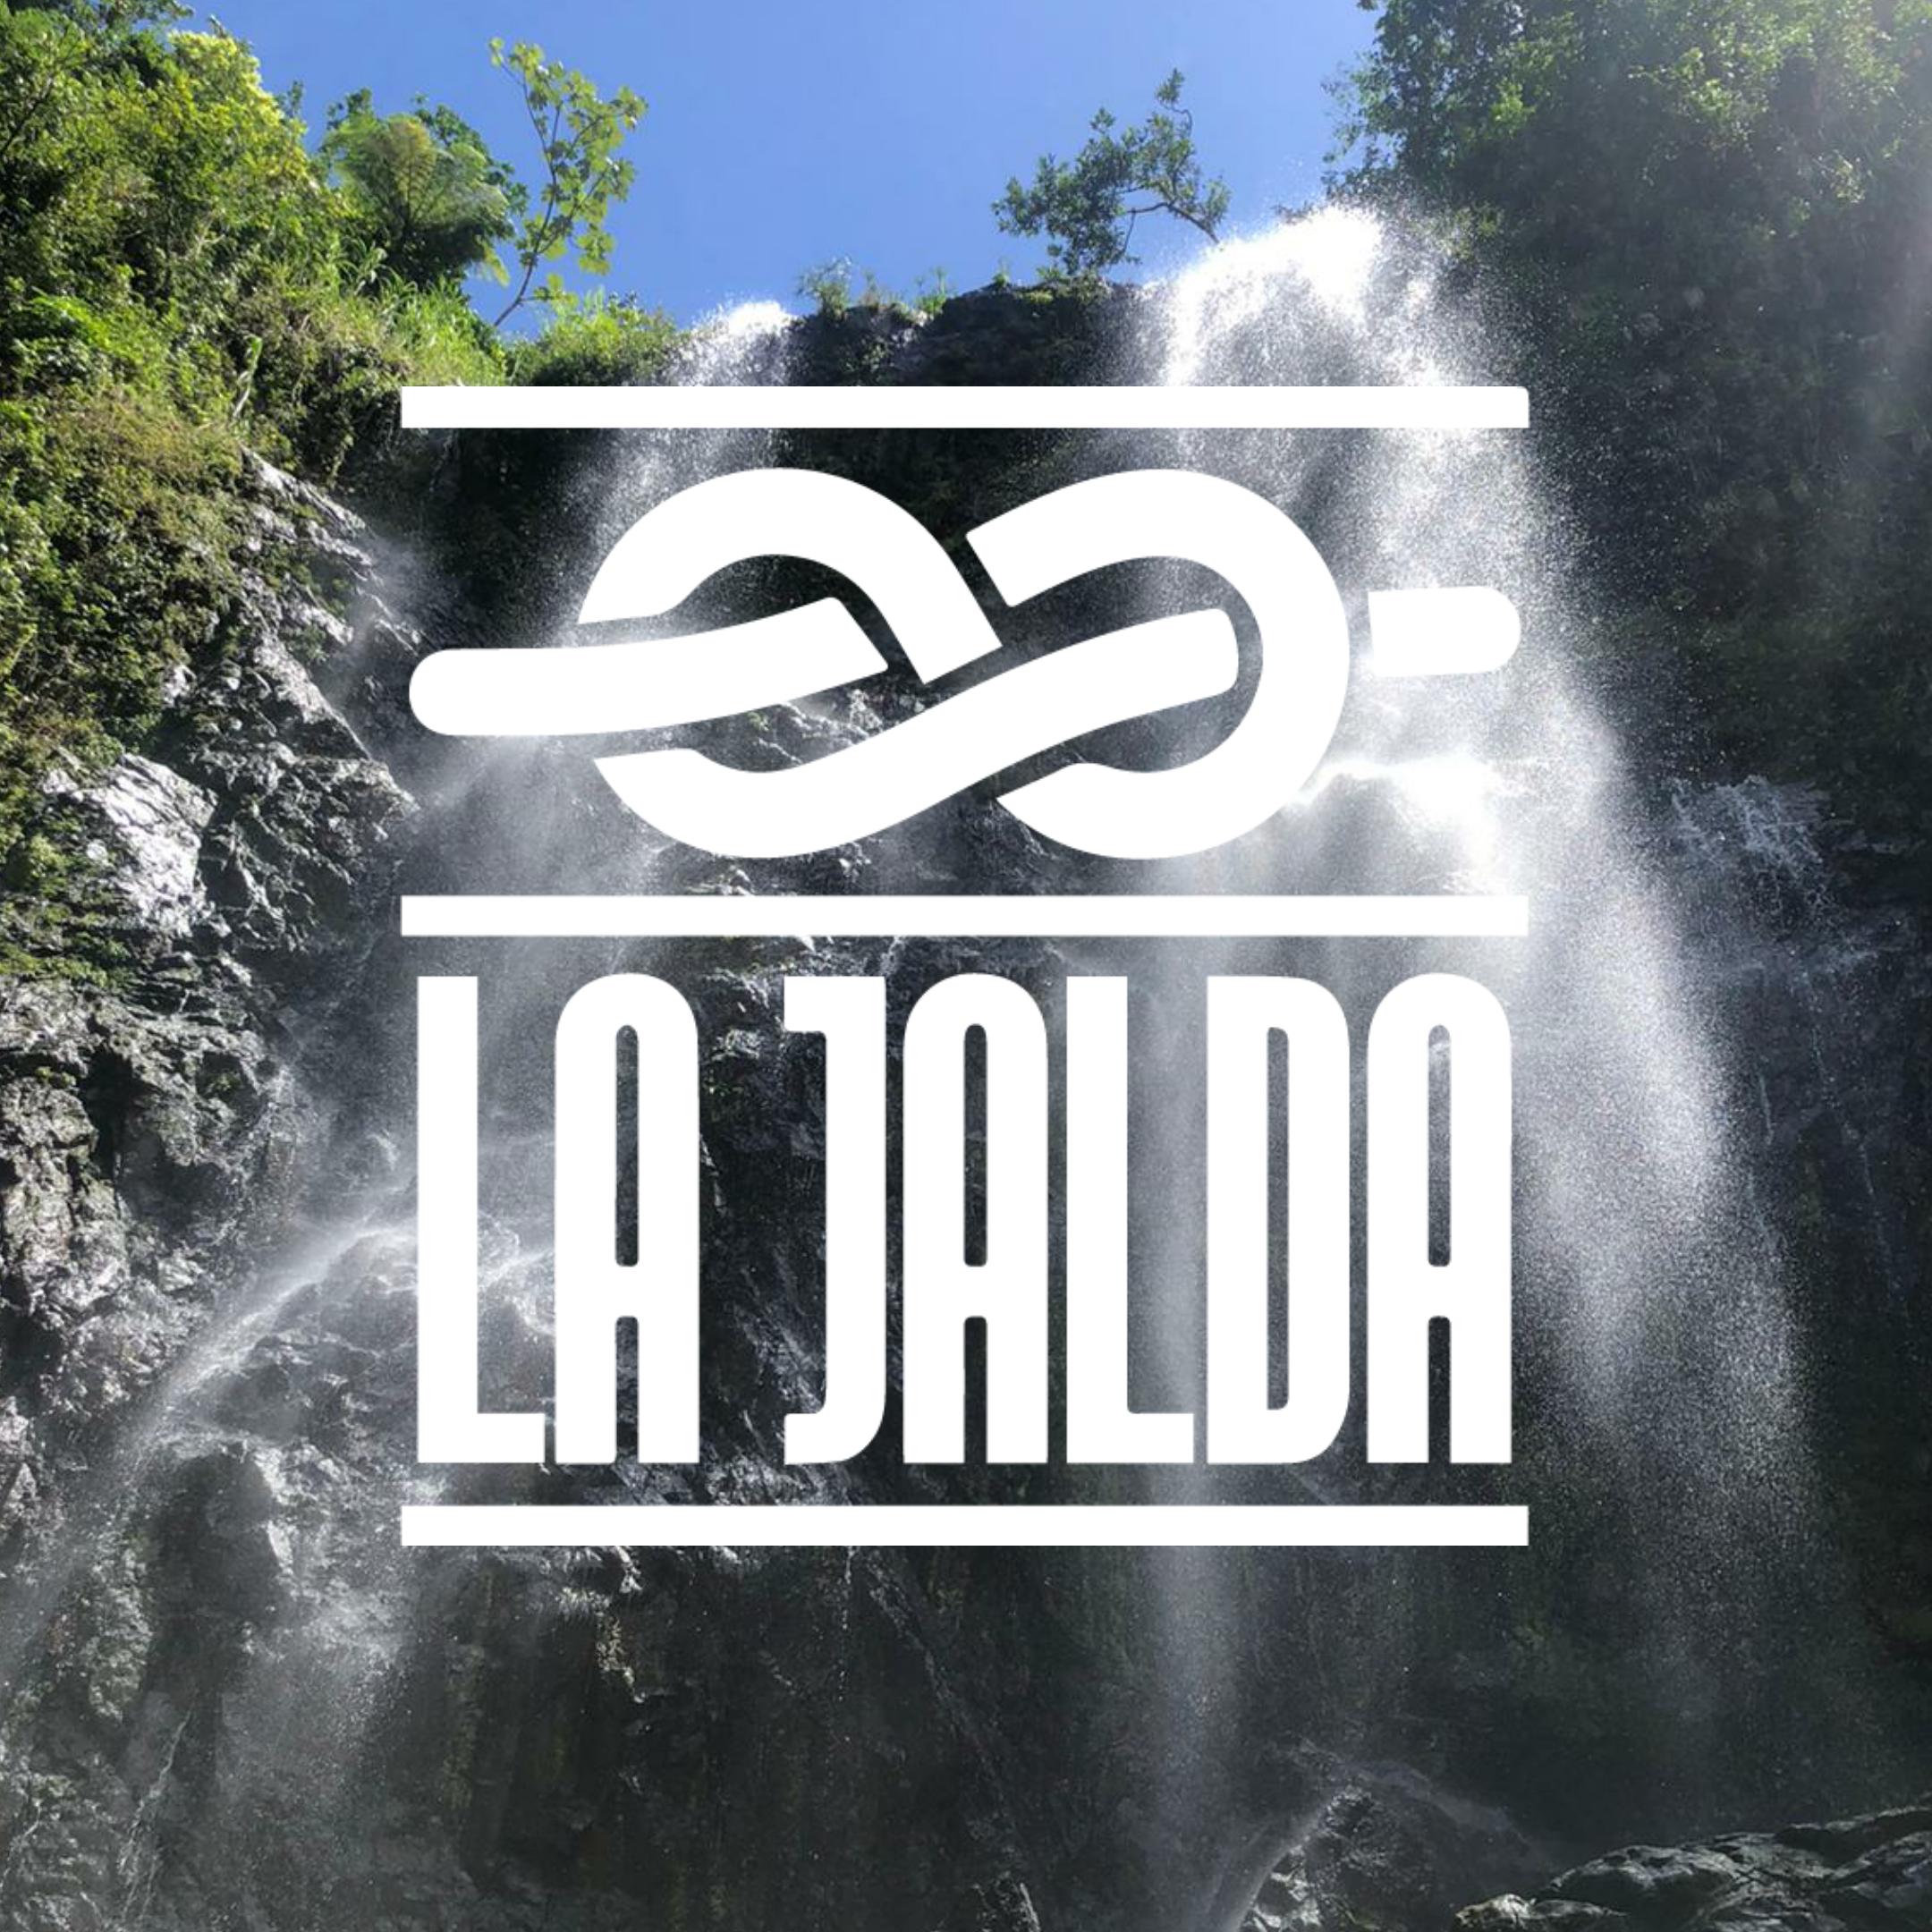 La Jalda PR (lajaldapr) Profile Image   Linktree